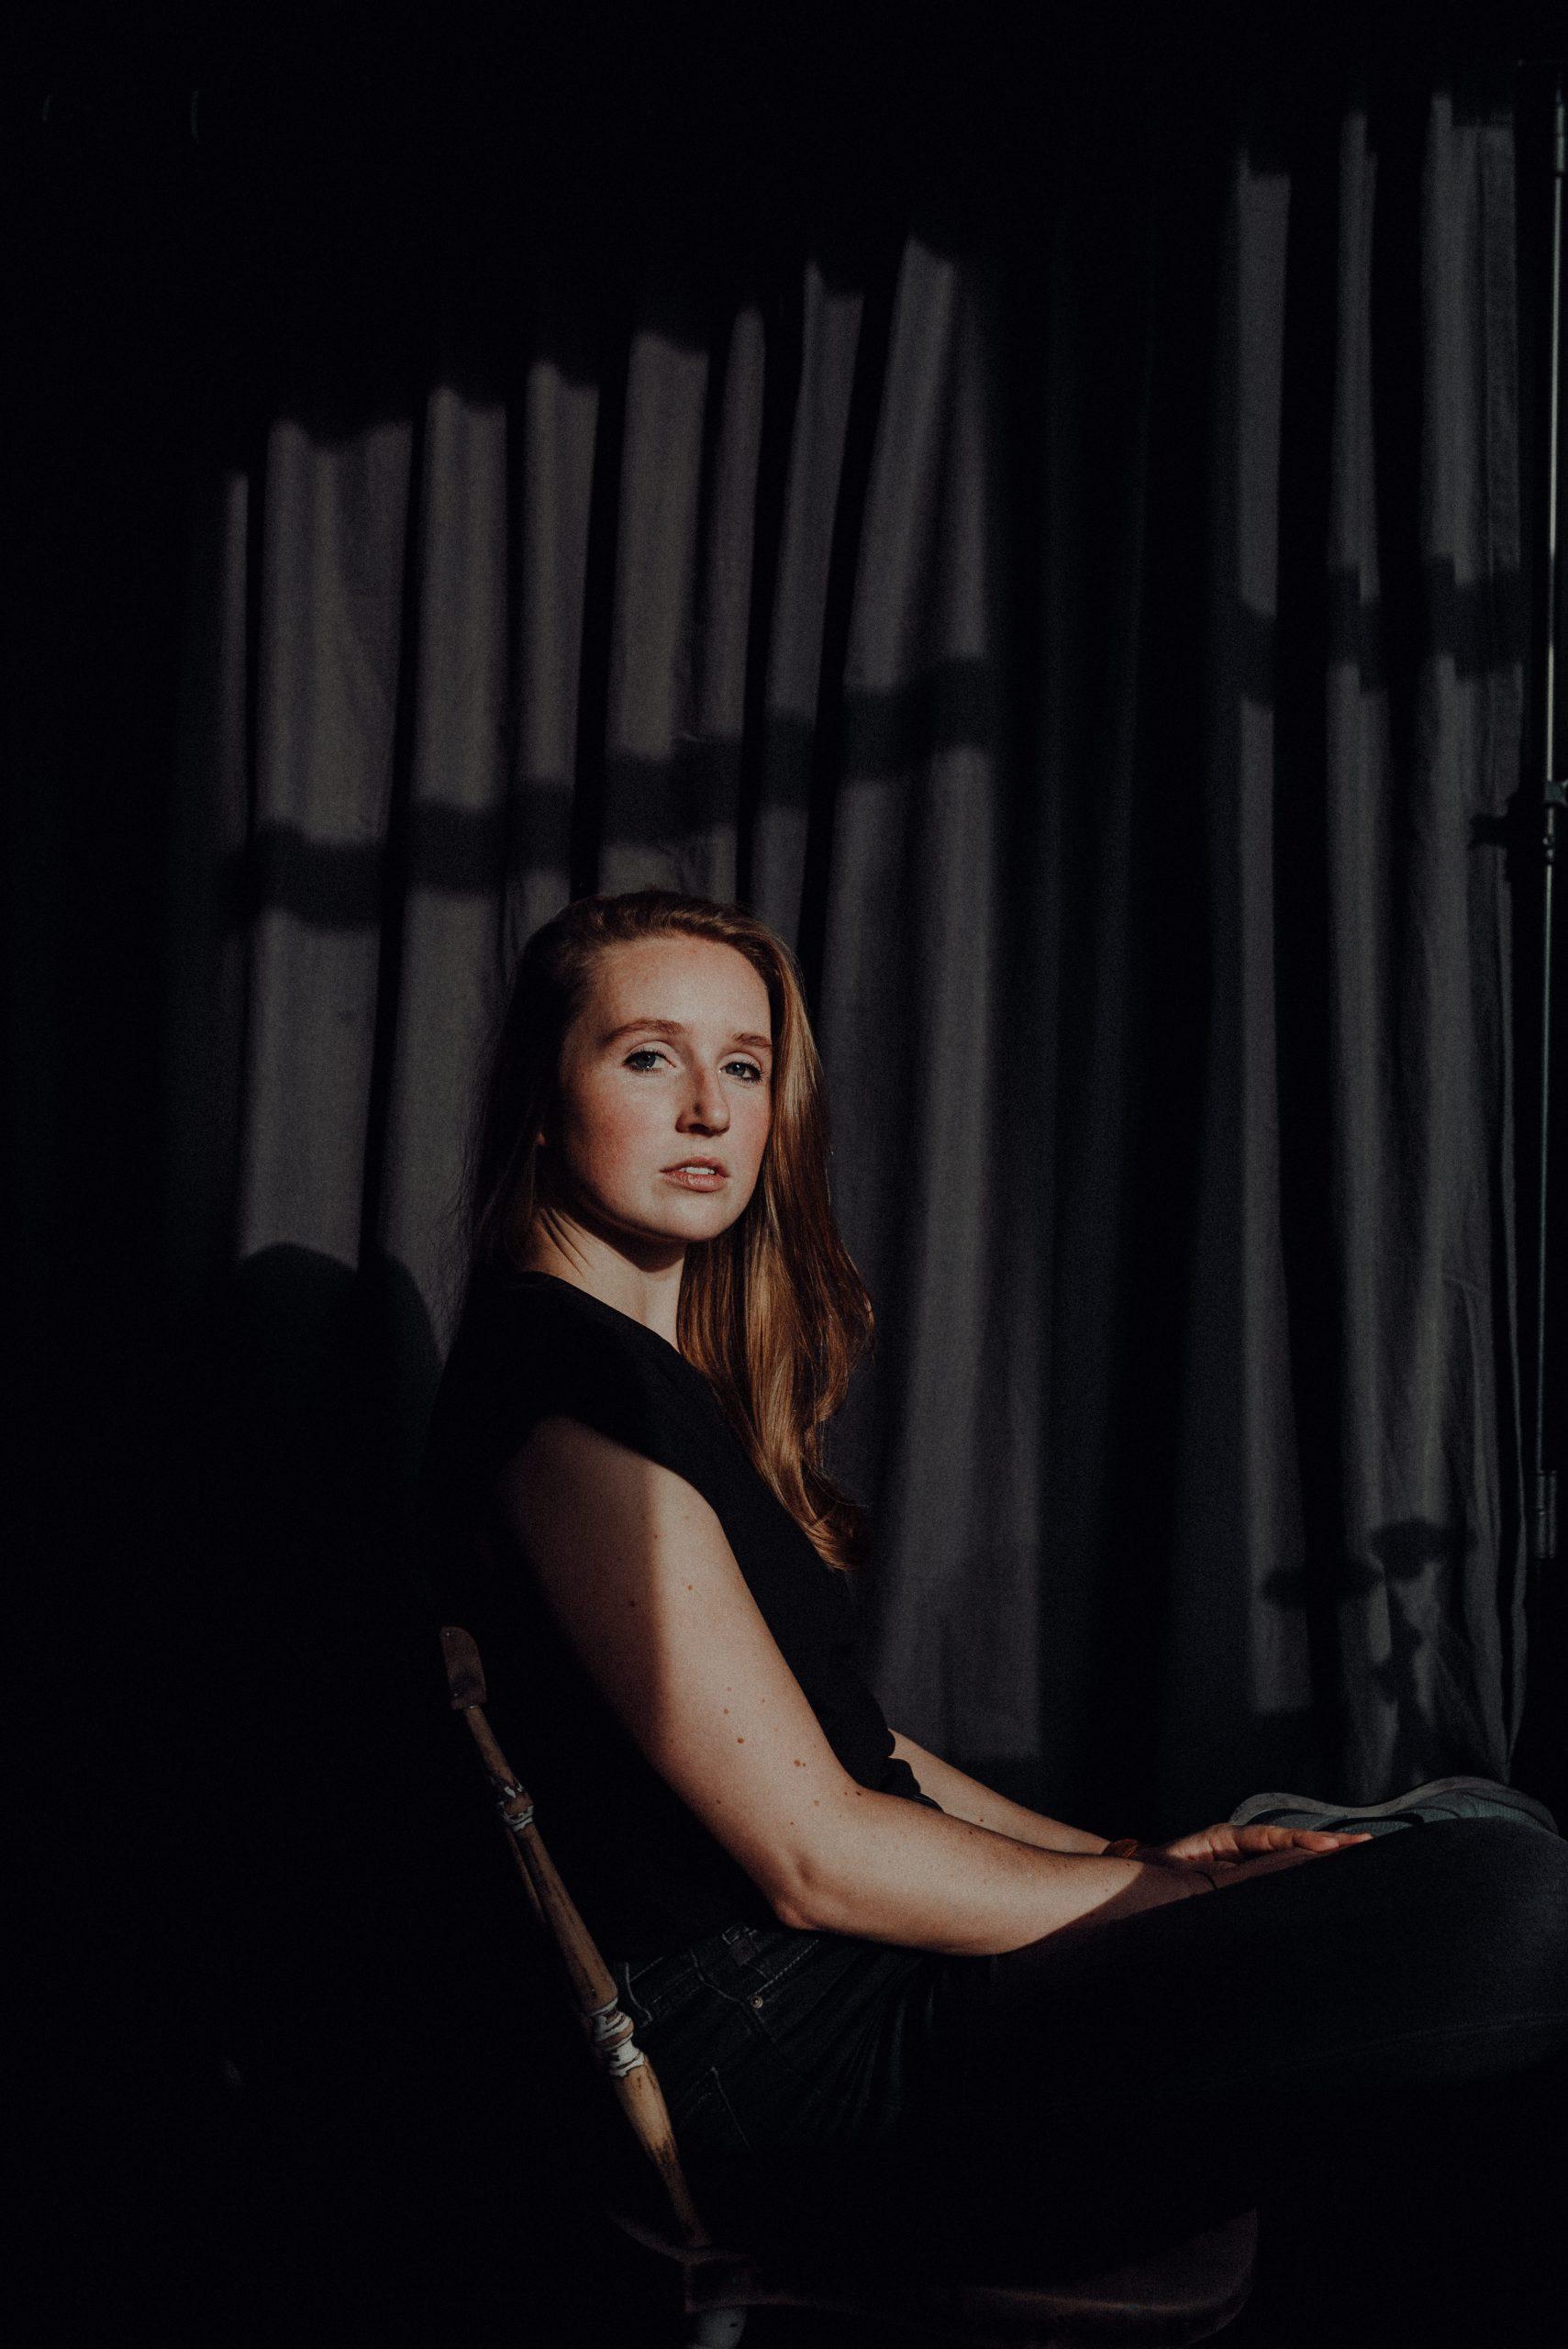 Frau auf Stuhl im Sonnenlicht